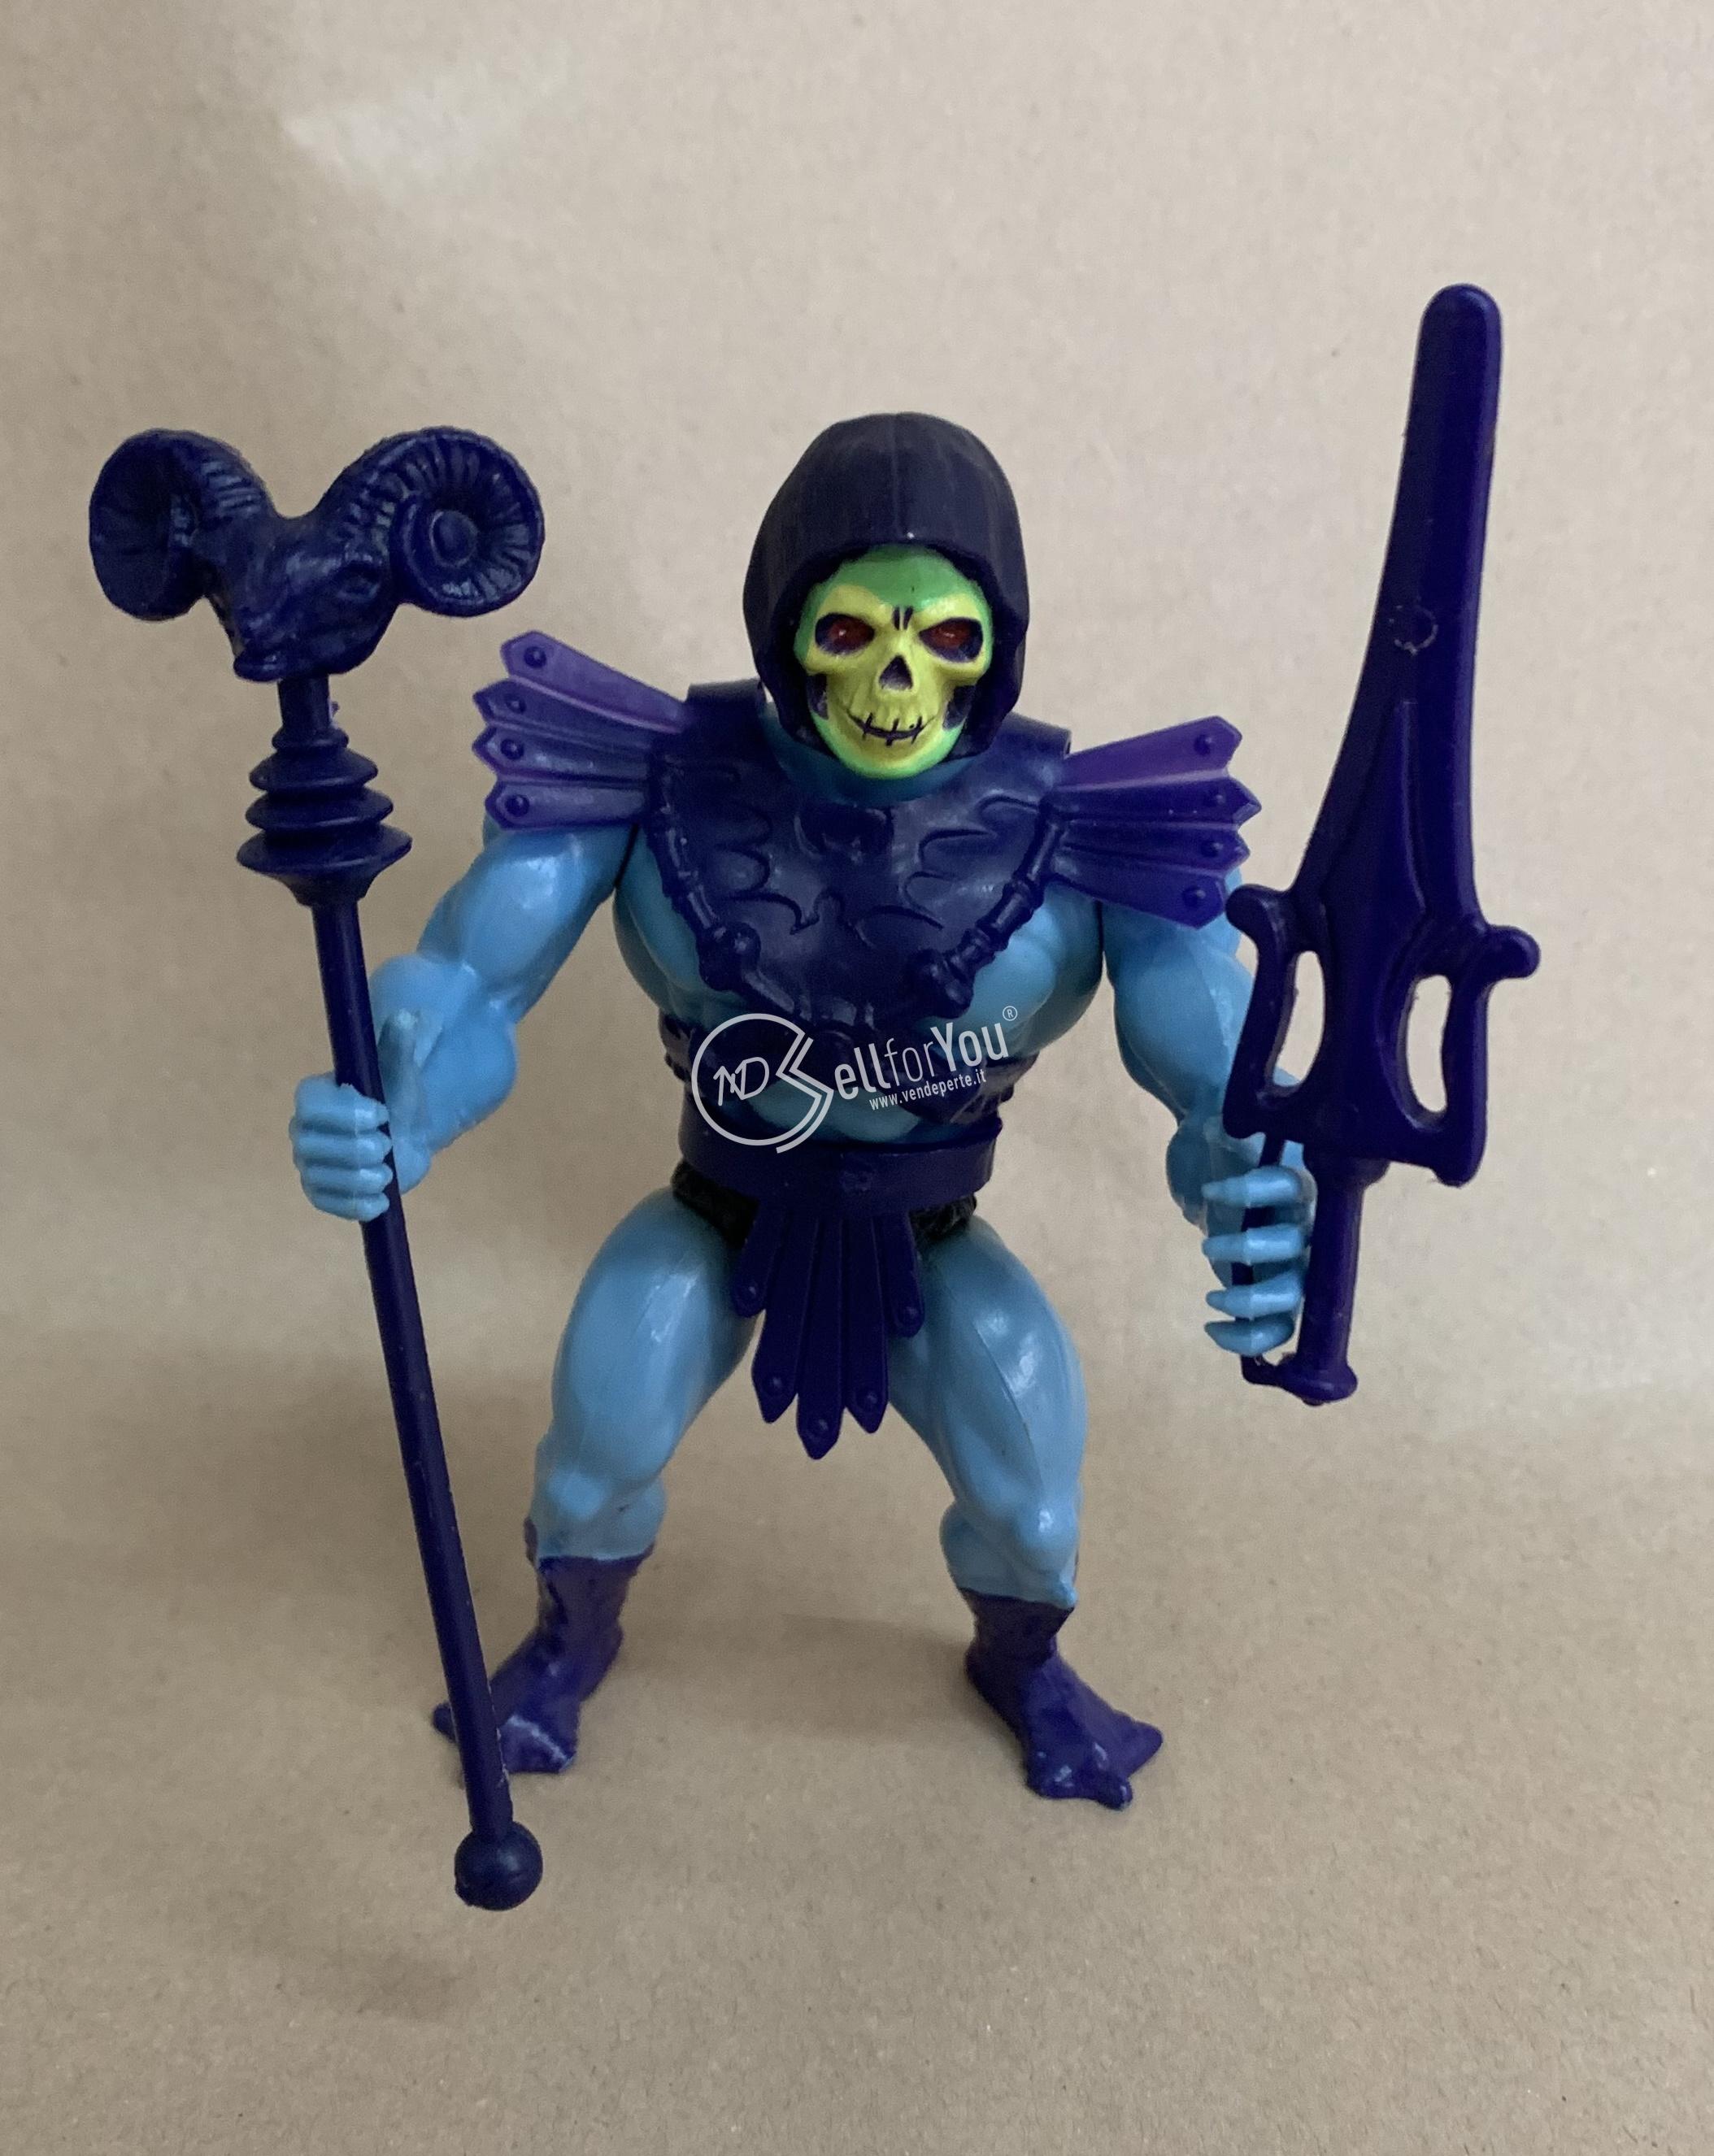 sellforyou immagine default articolo correlato non trovatoMasters of the Universe -Skeletor Mattel anni 1981 26